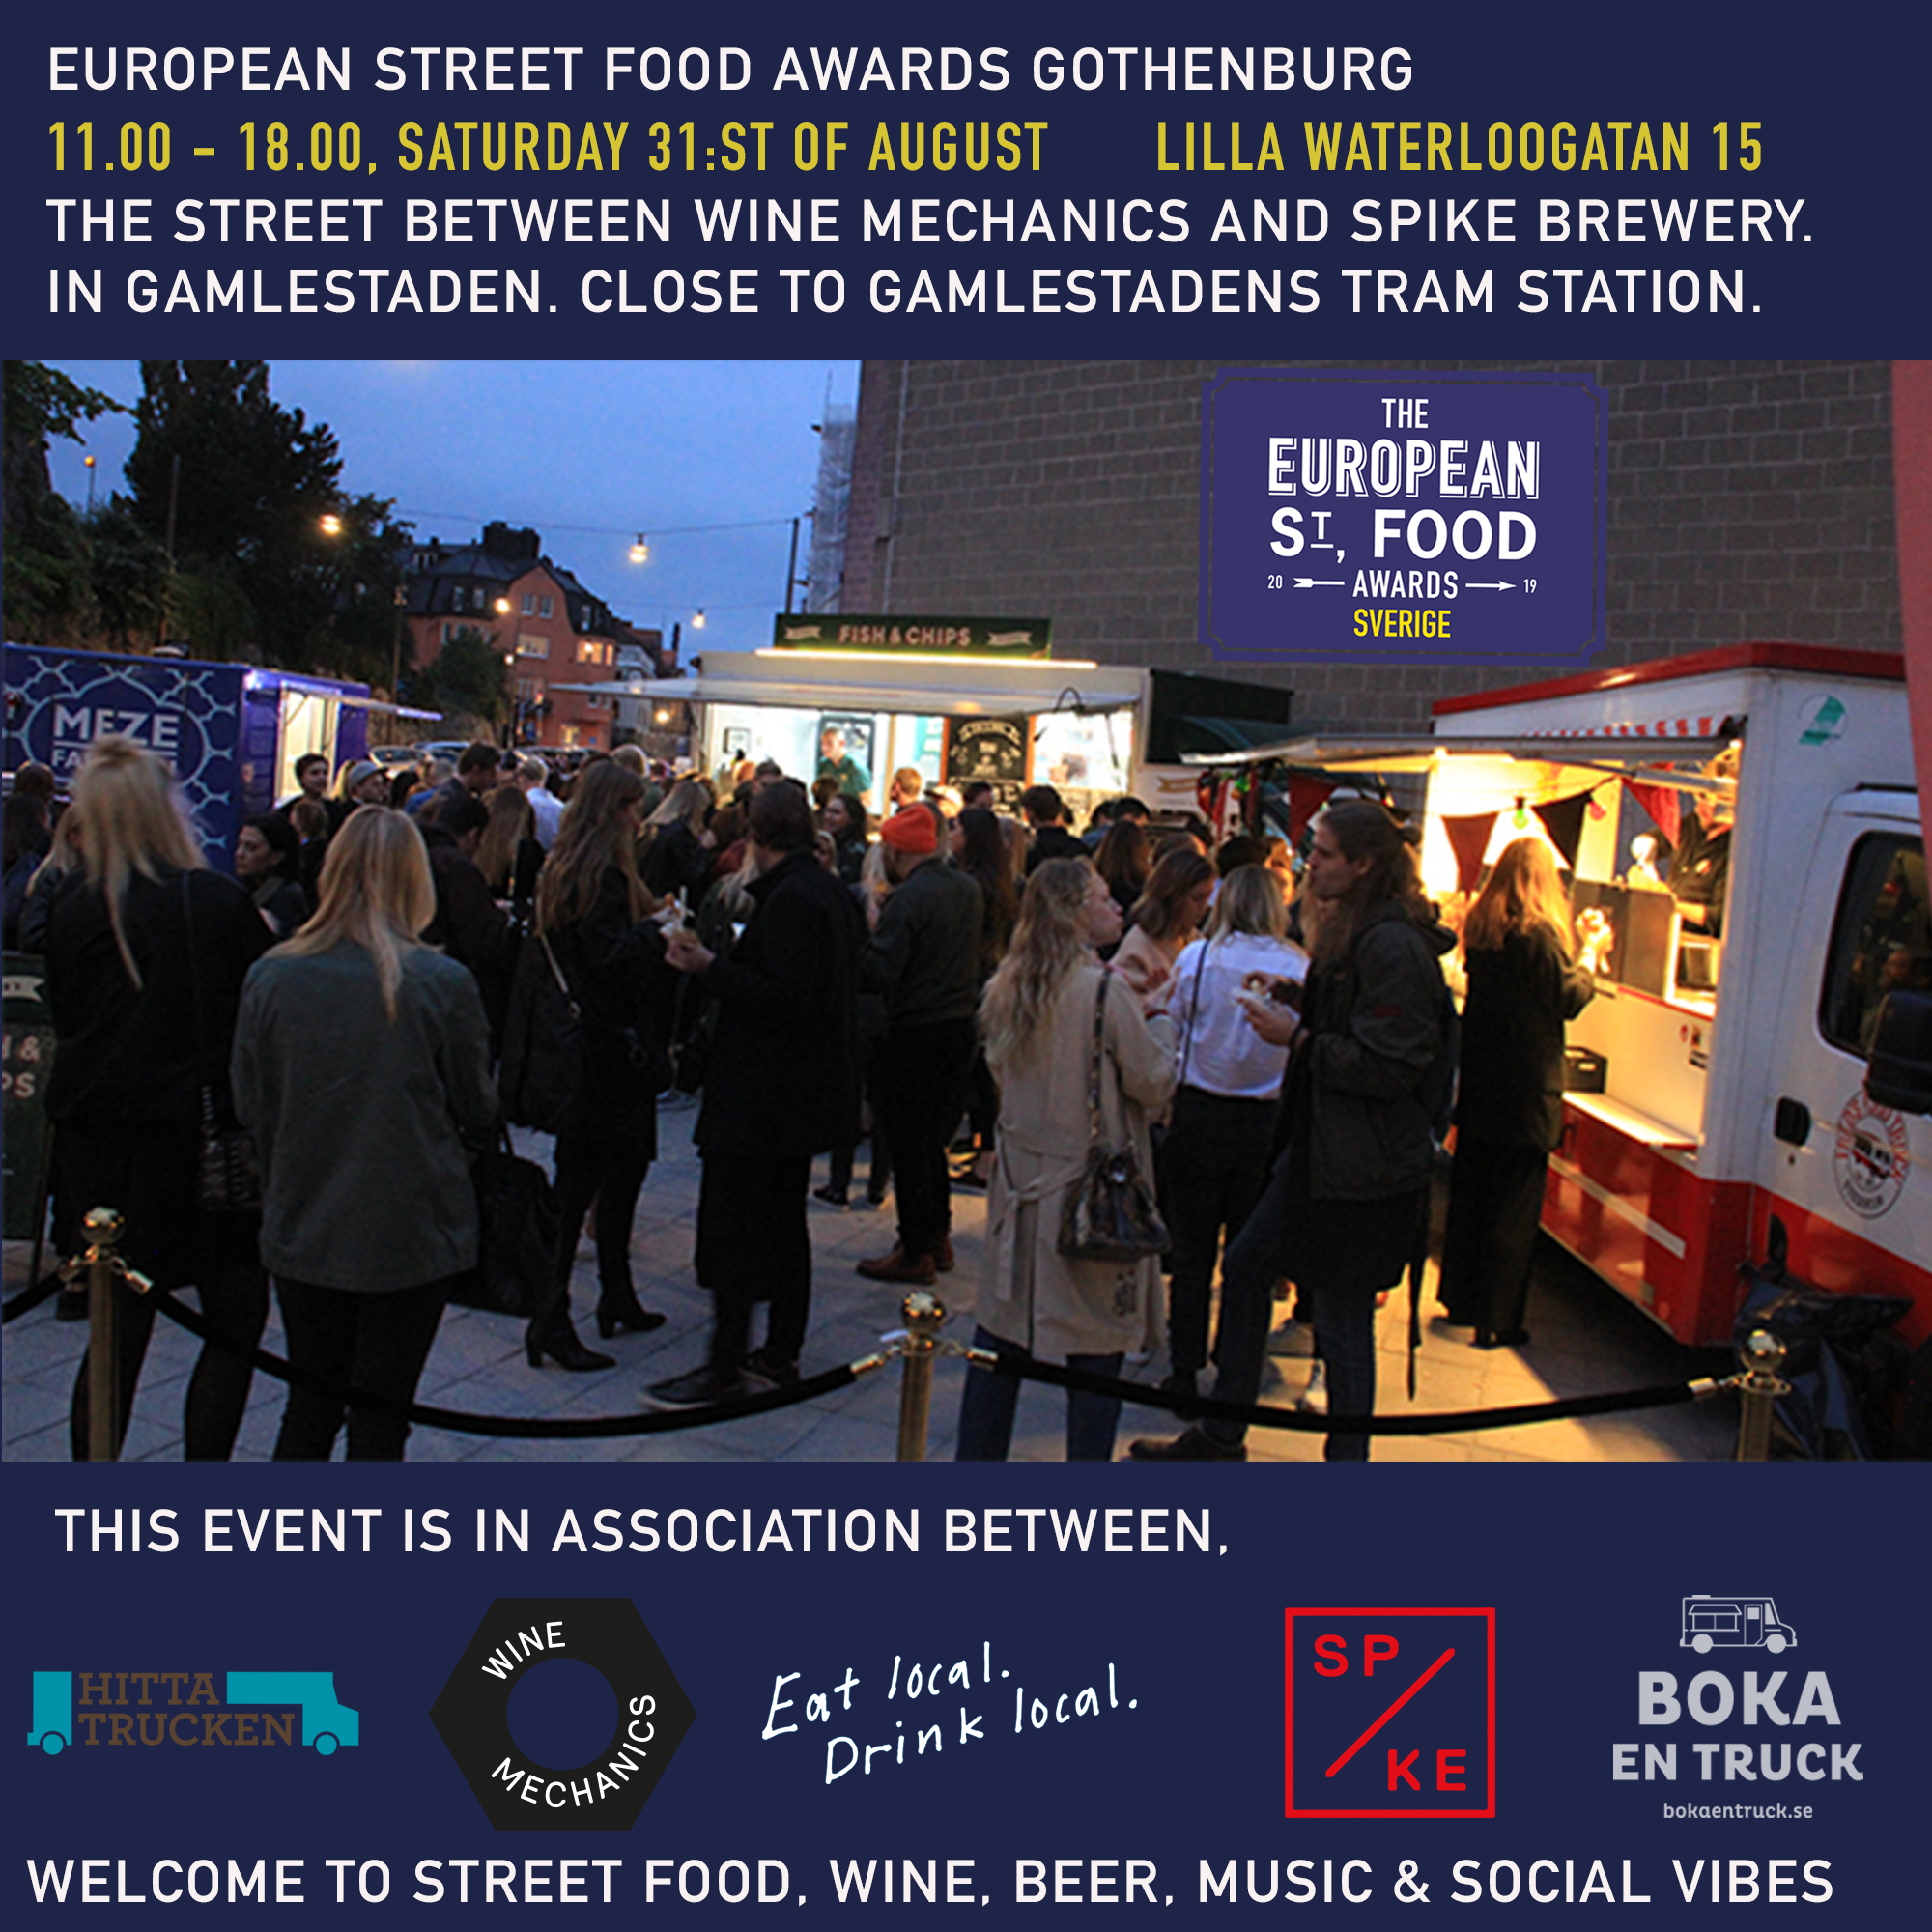 Marknadsföringsbild för European Street Fodd Awards Gothenburg